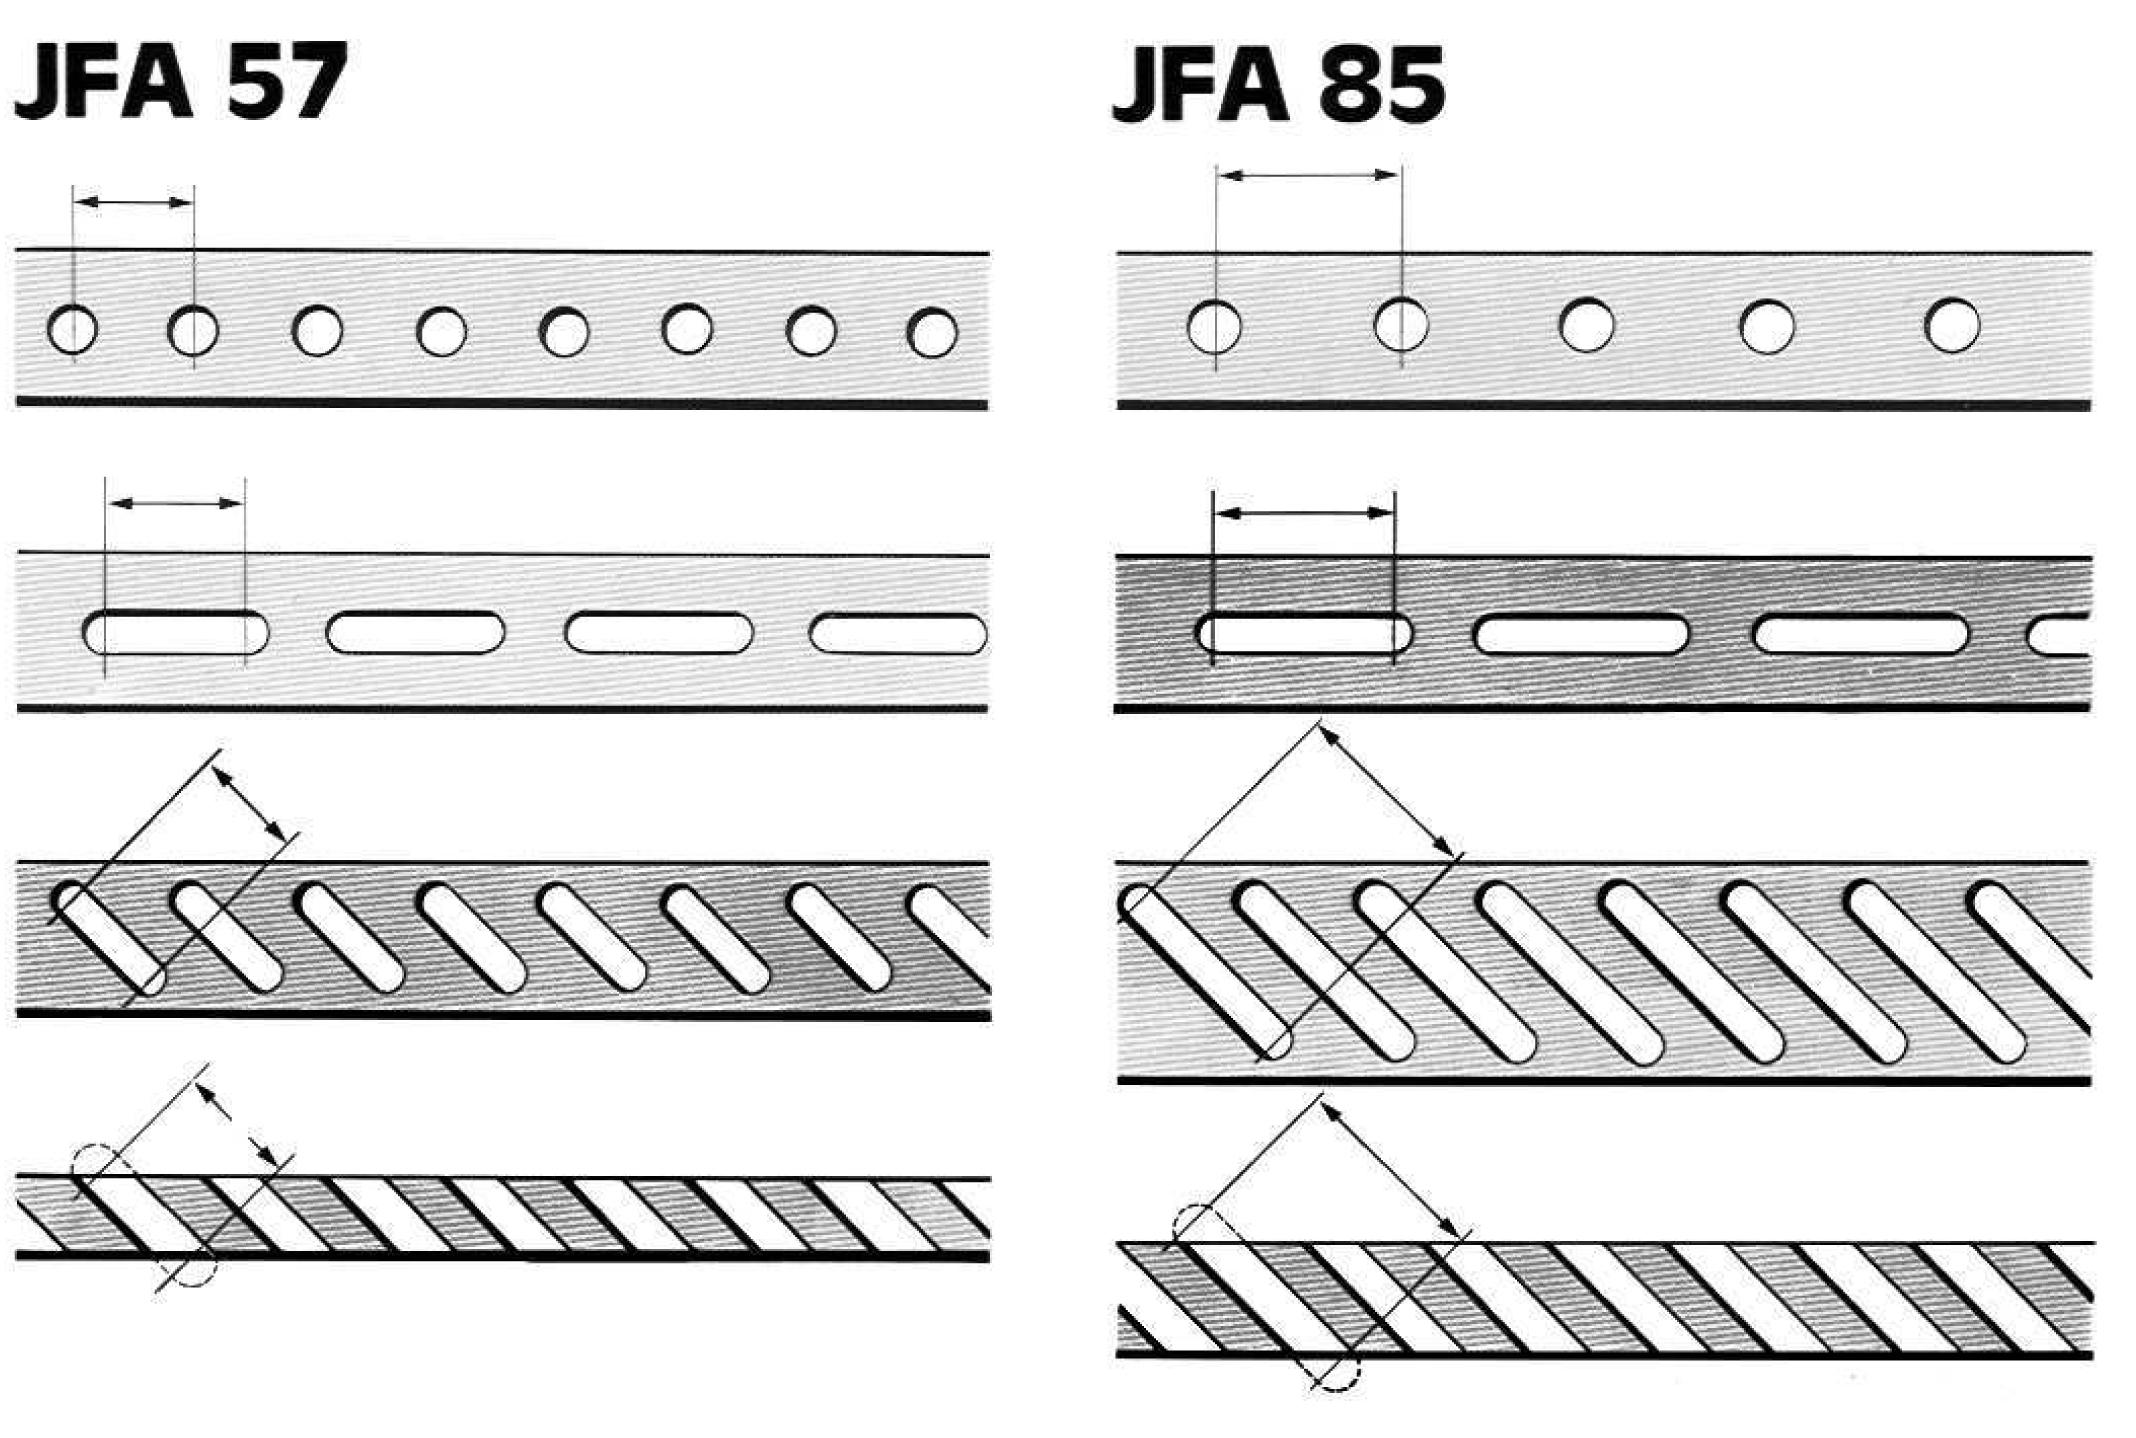 hoffmann-jfa-57-jfa-85-louver-grooving-machine-slot-spacing-drawing.jpg